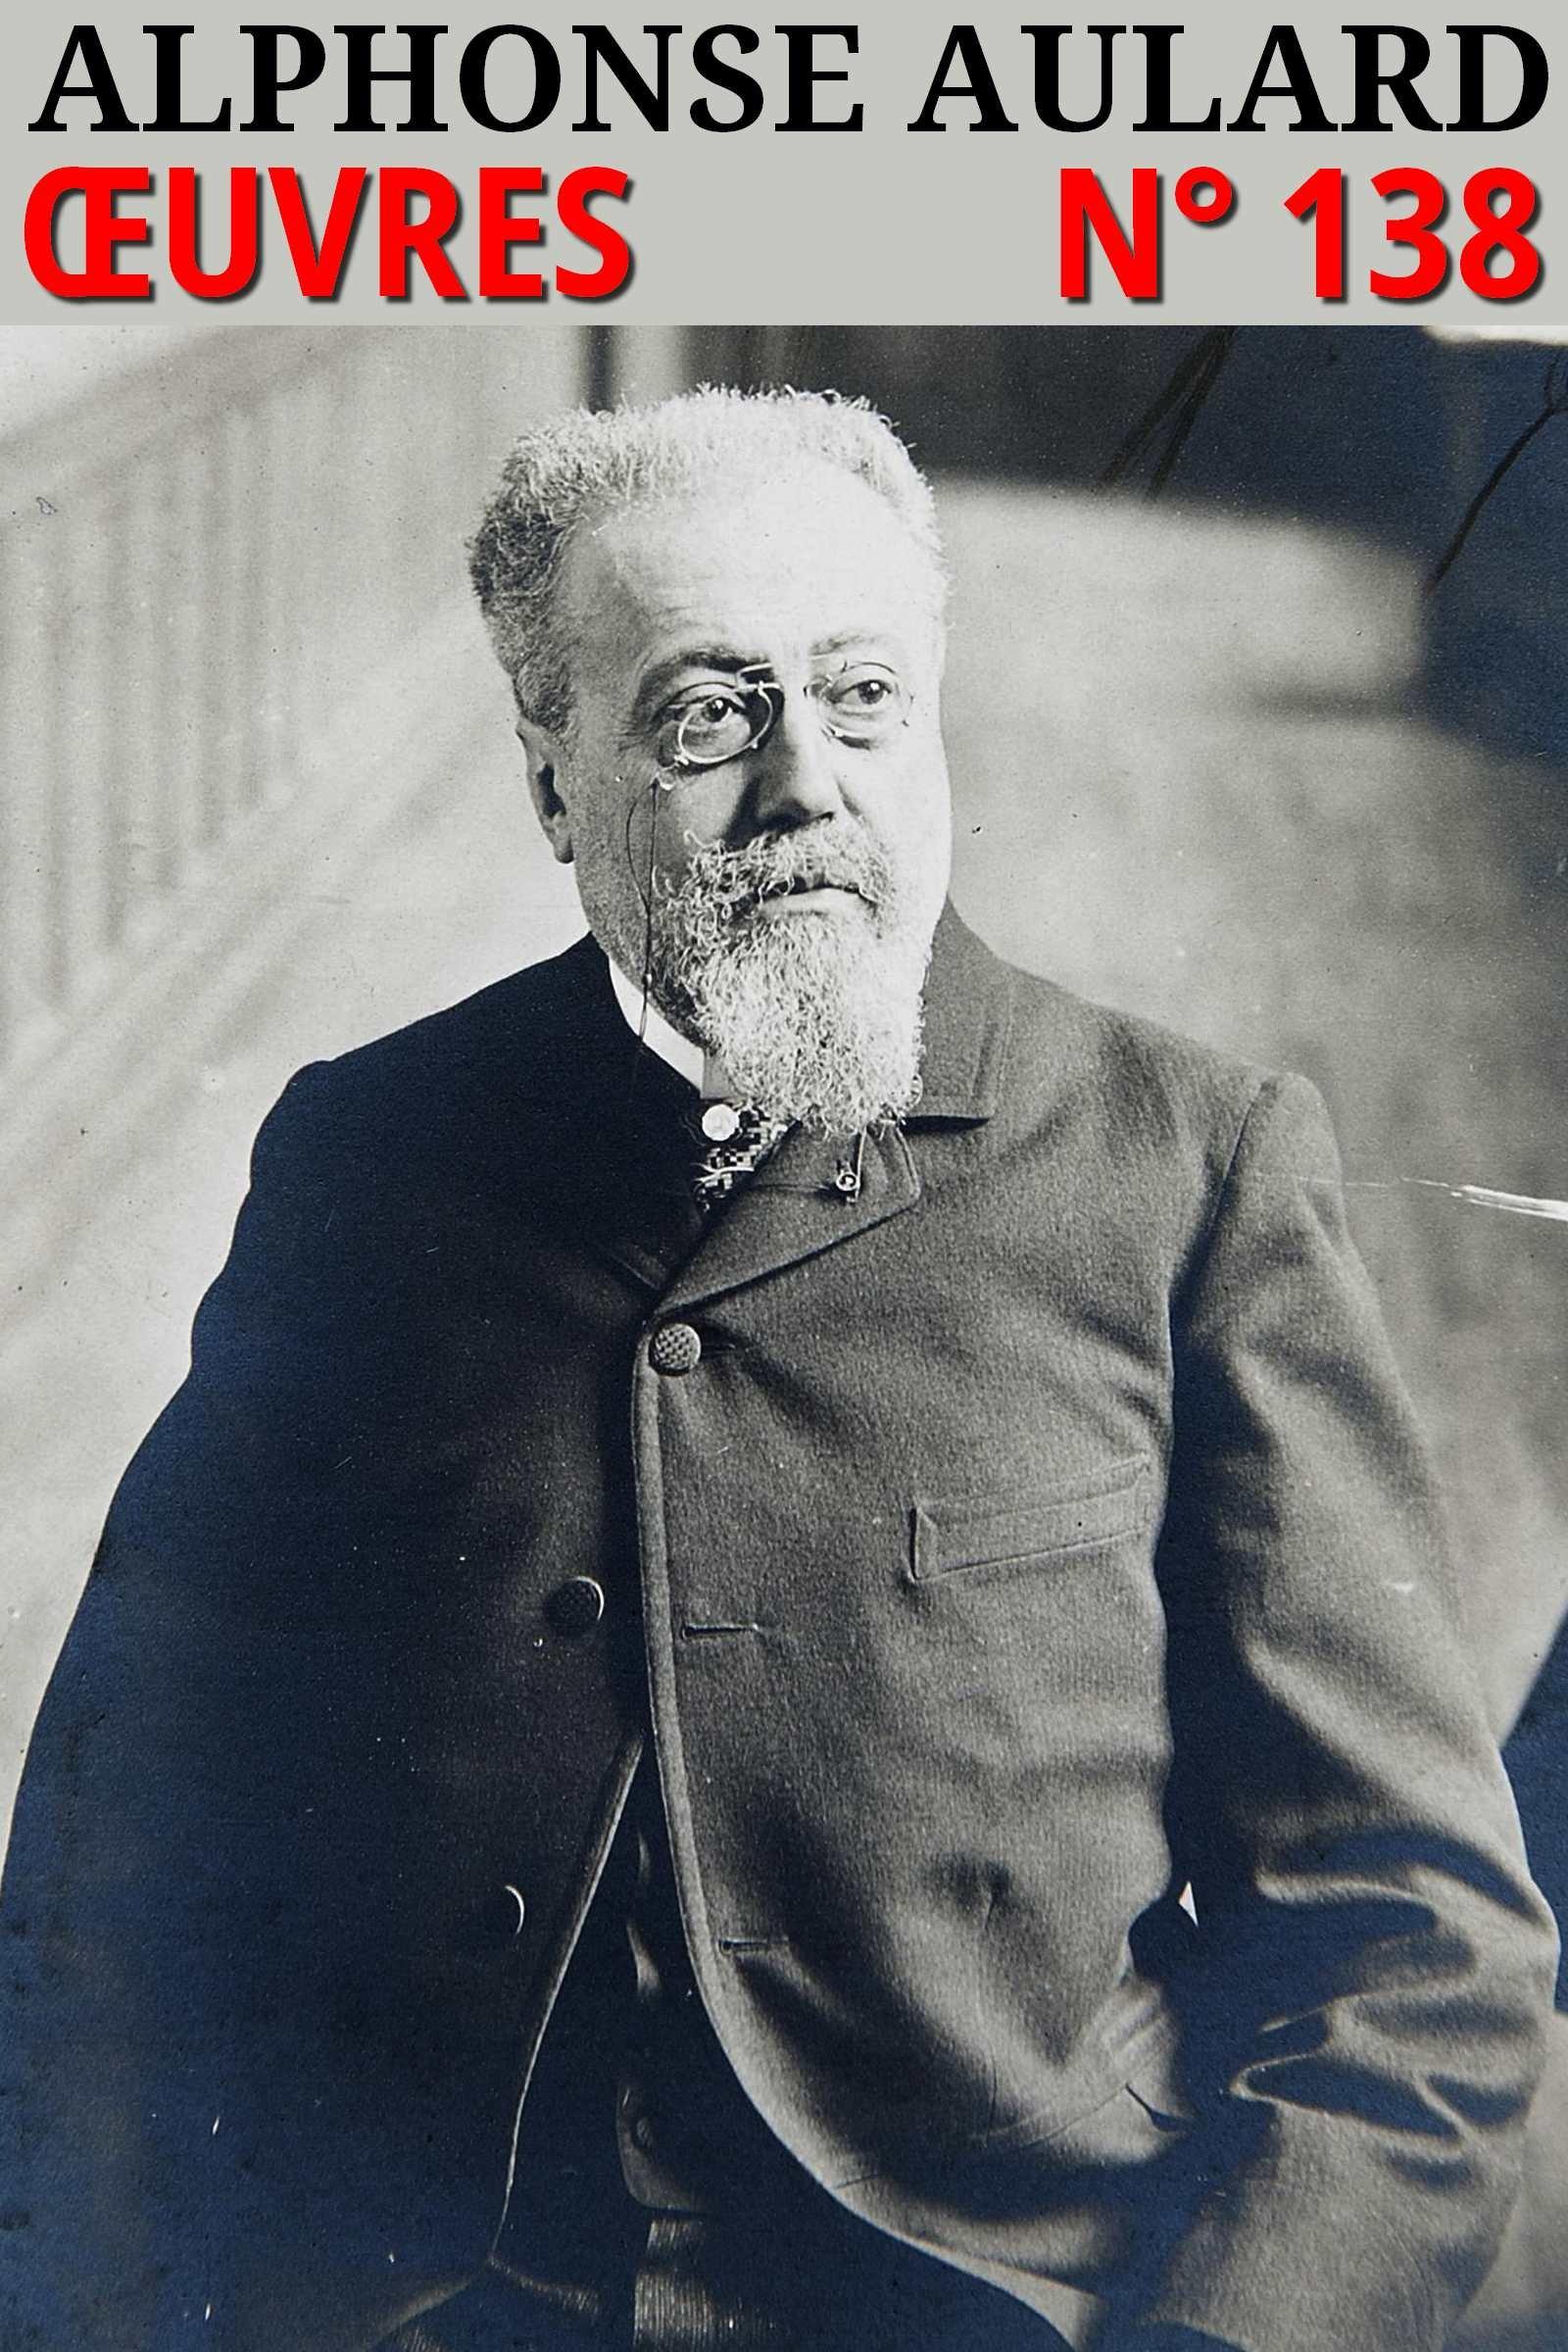 Alphonse Aulard - Oeuvres